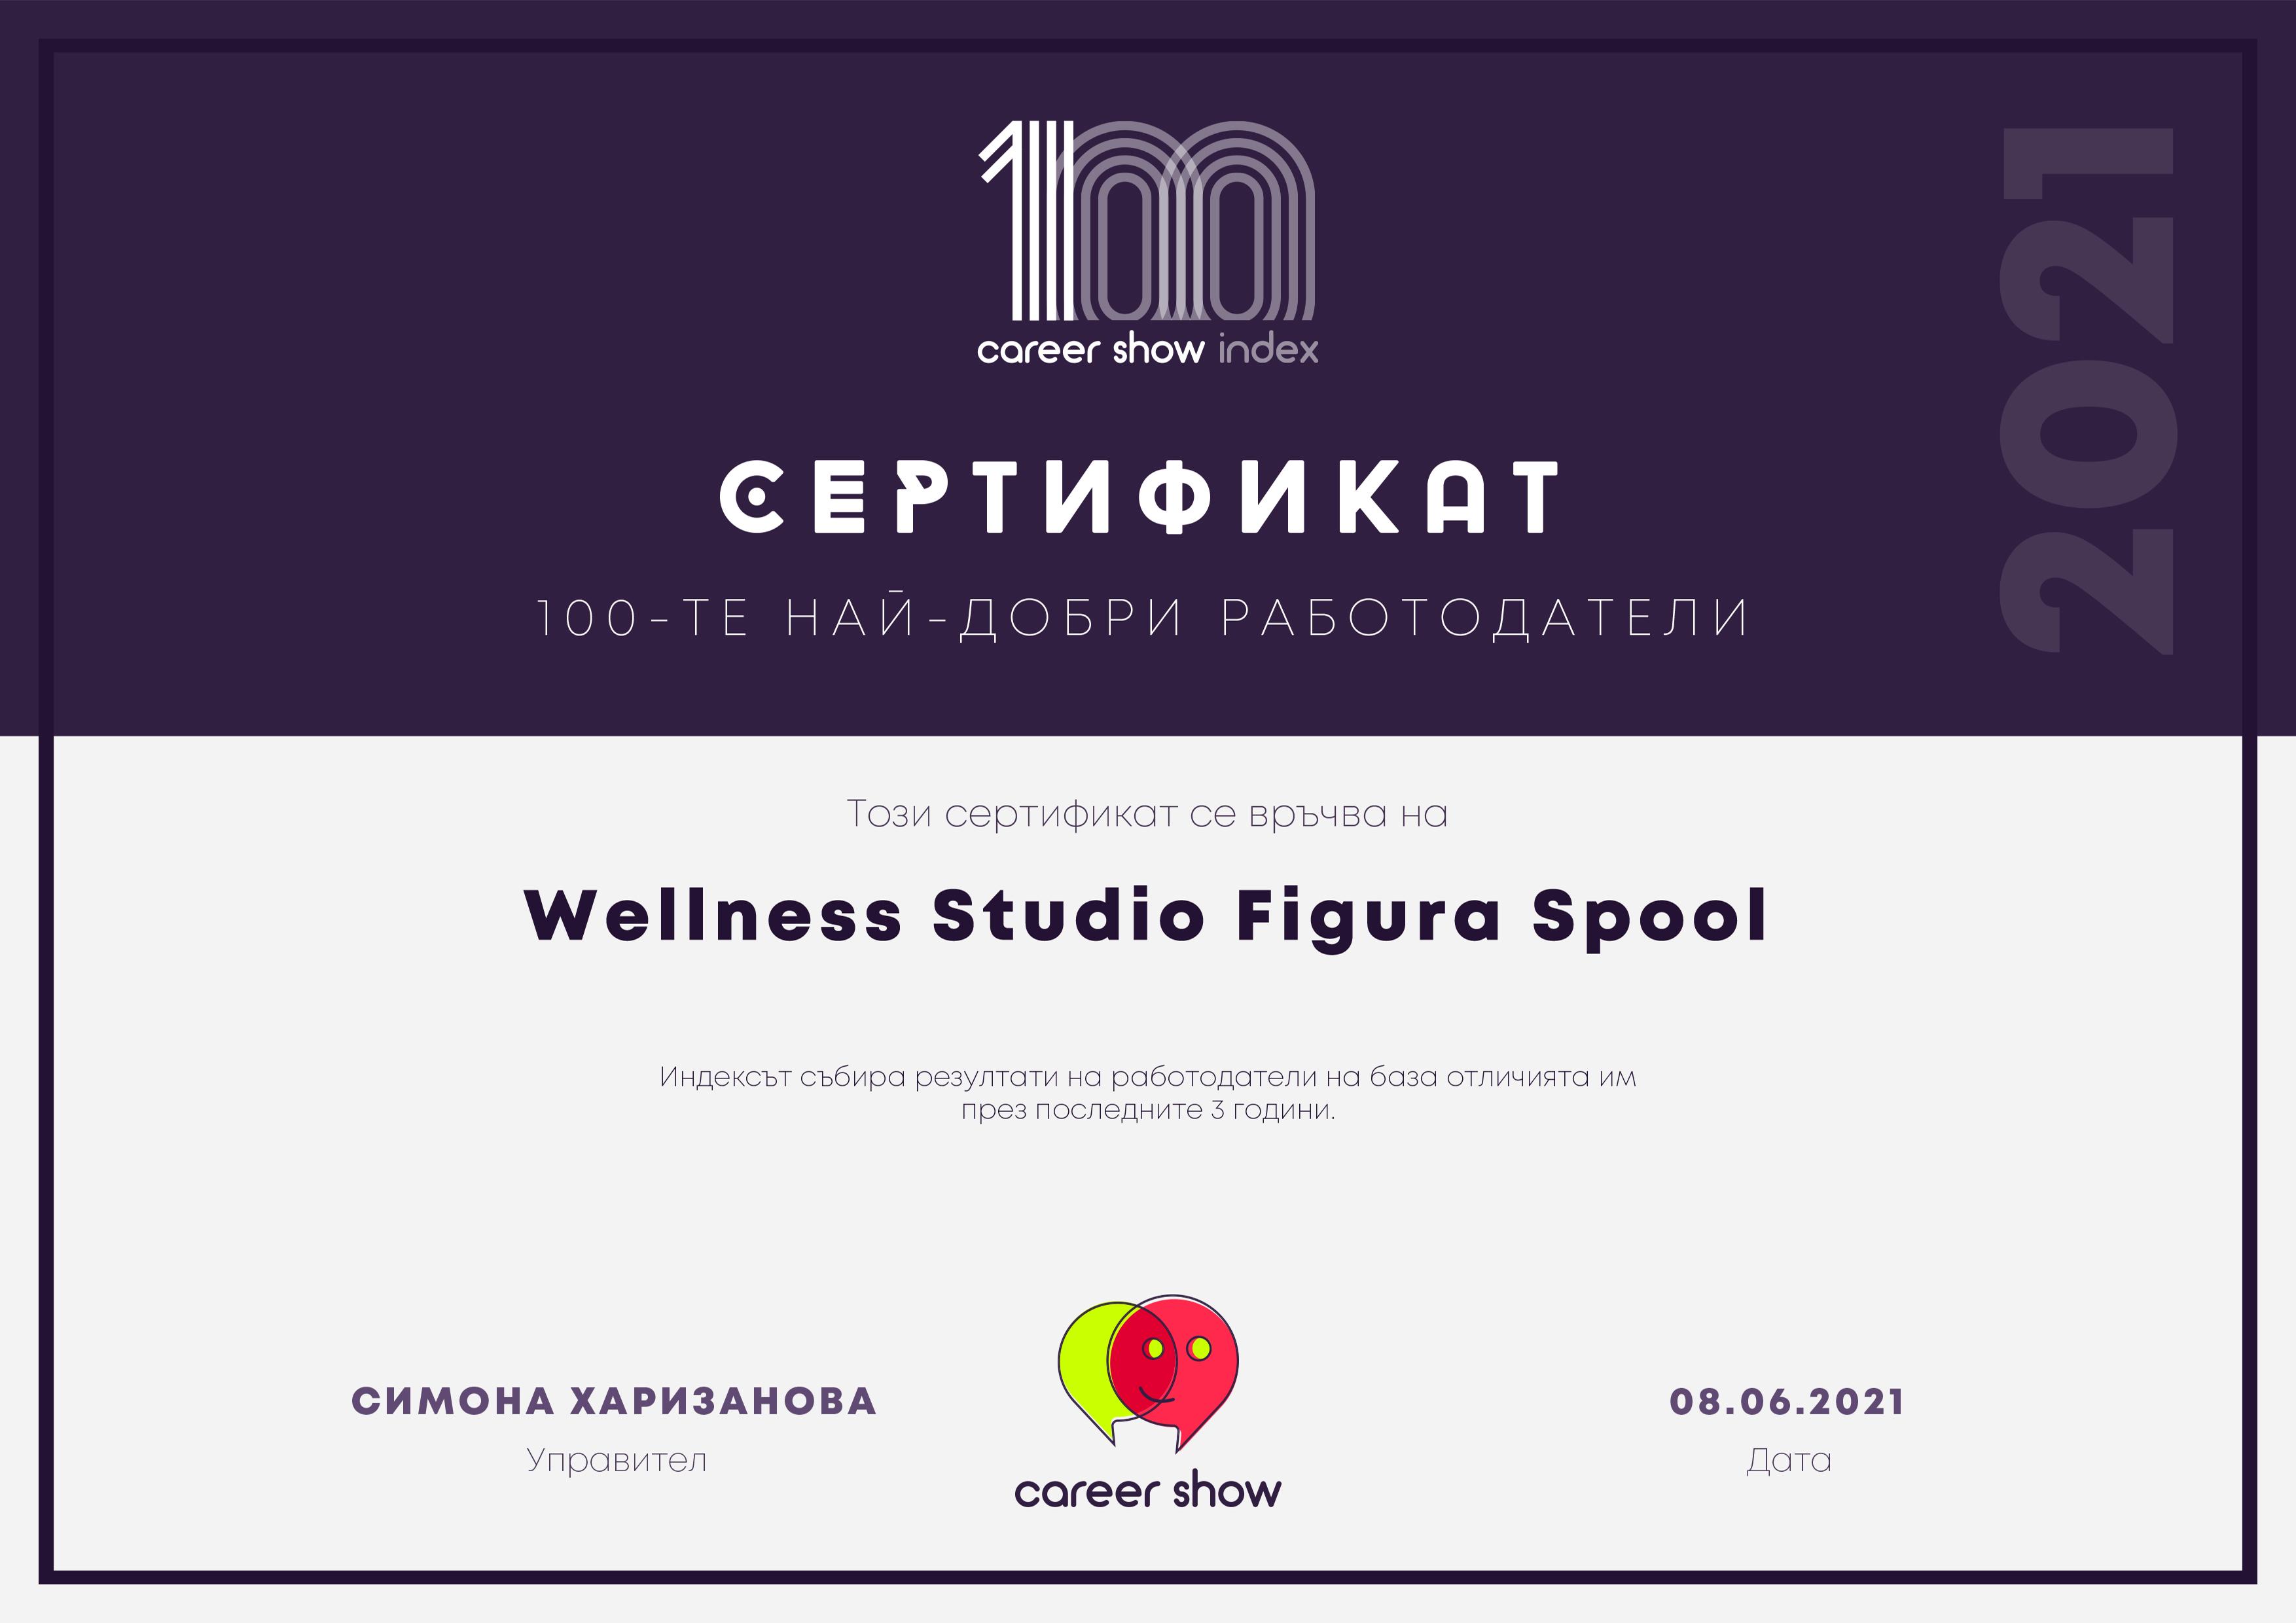 """Wellness Studio Figura Spool с място в """"Топ 100 работодатели в България 2021"""""""